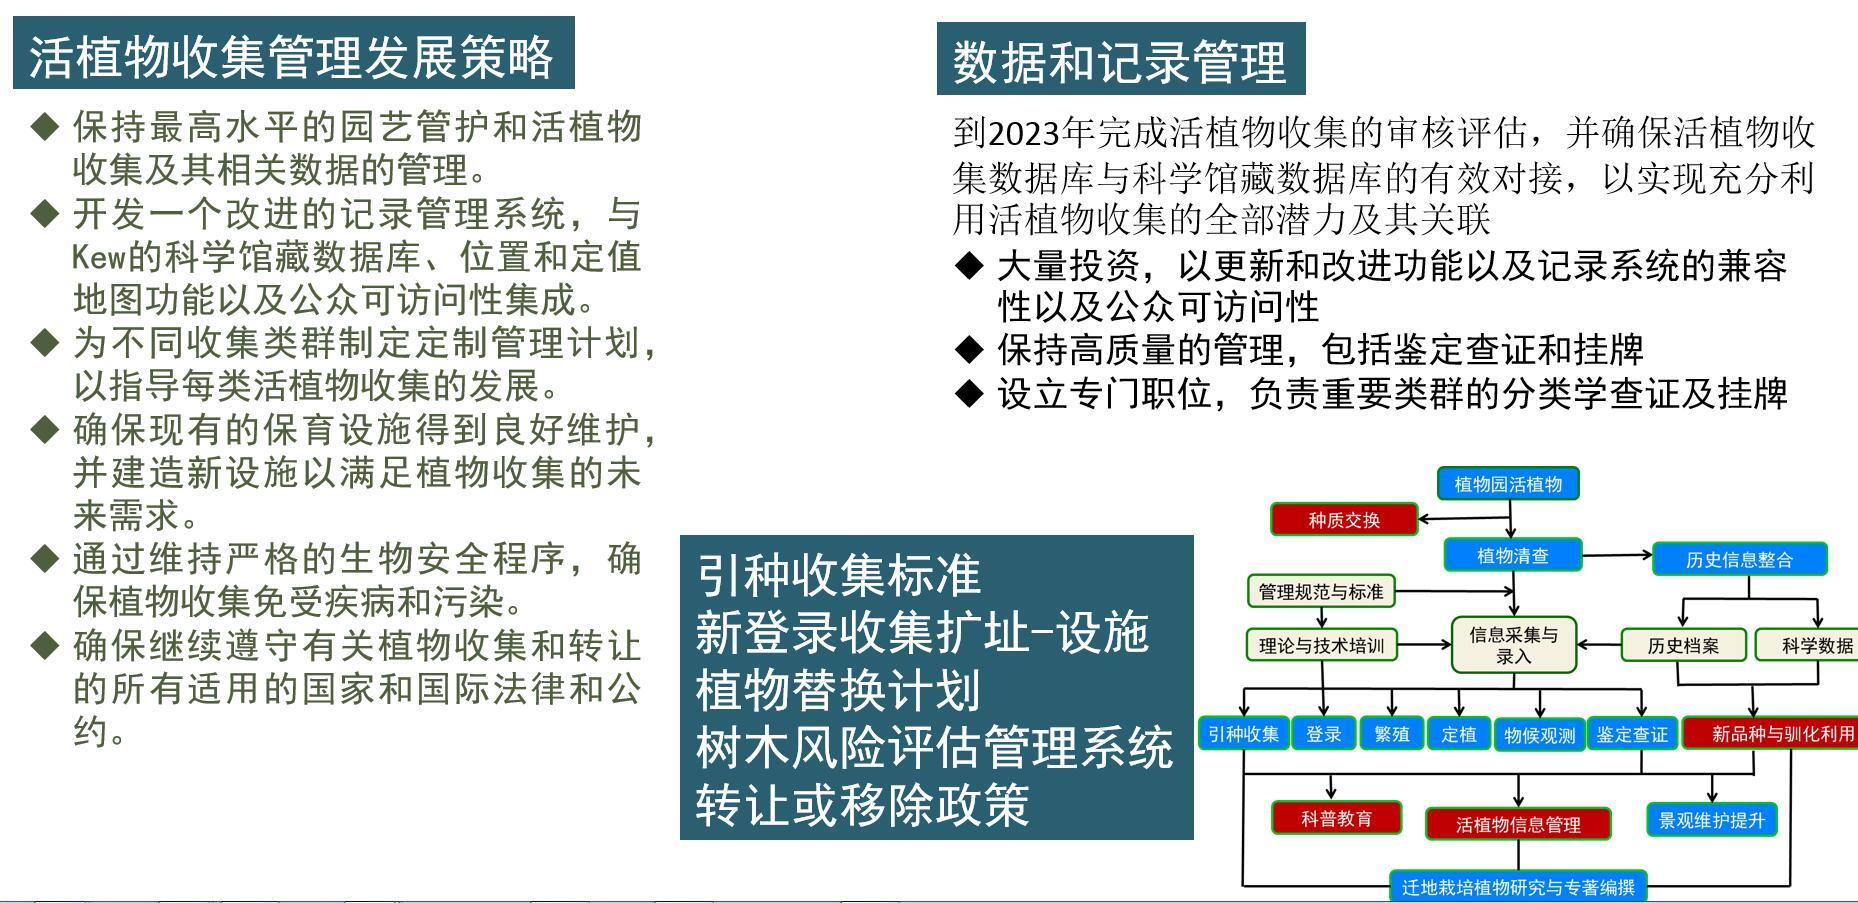 图9 活植物收集管理发展策略.jpg